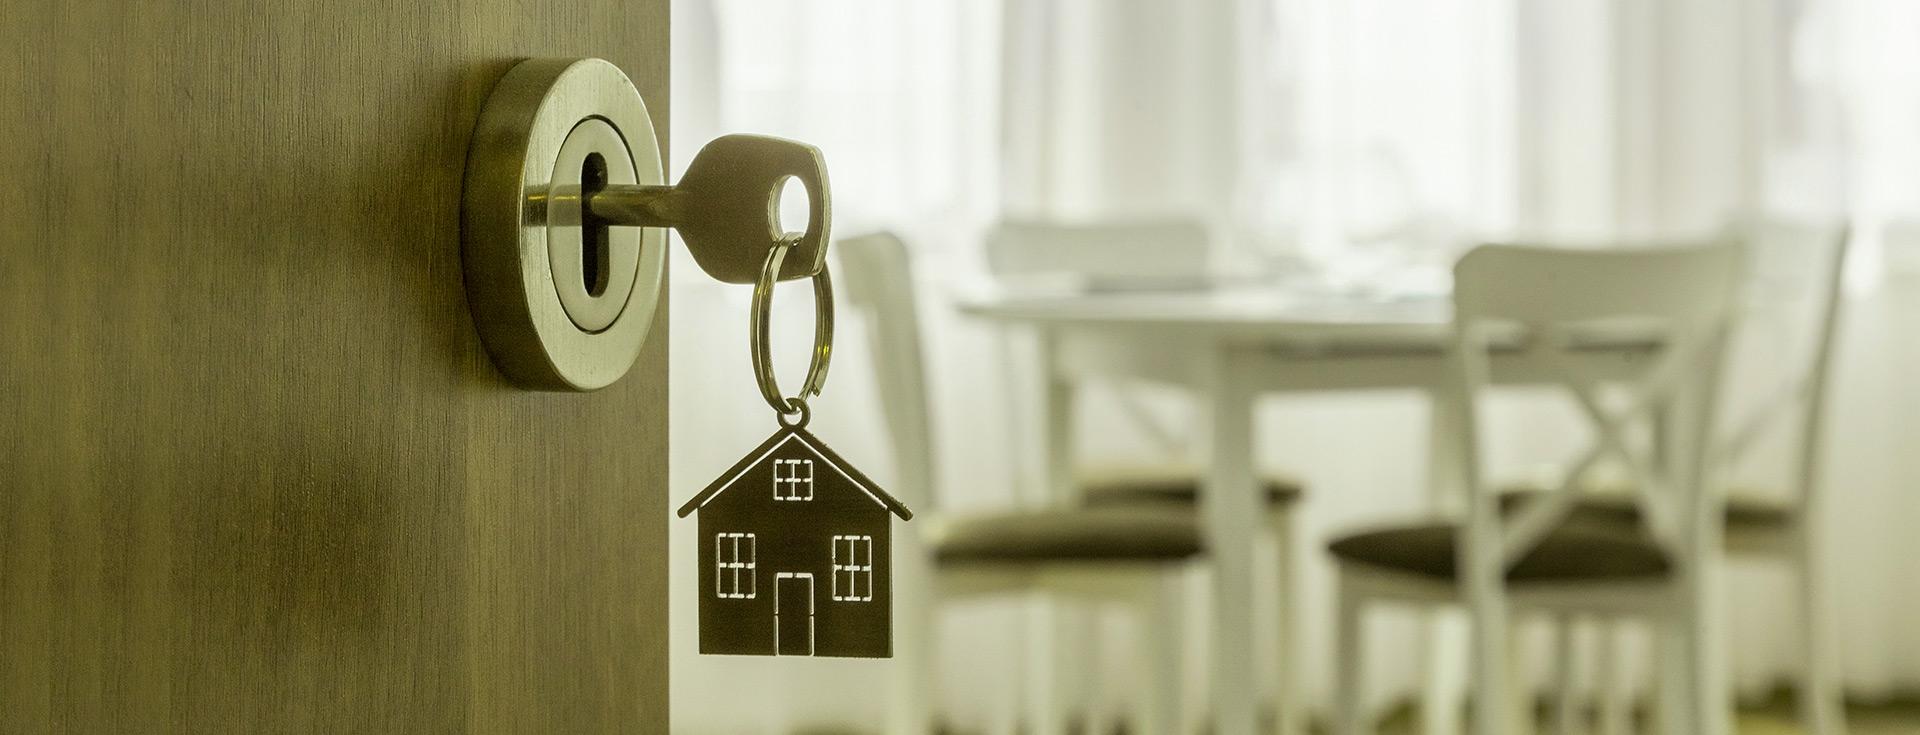 ¿Estás listo para adquirir tu casa?  ¡Descúbrelo a través de este test!